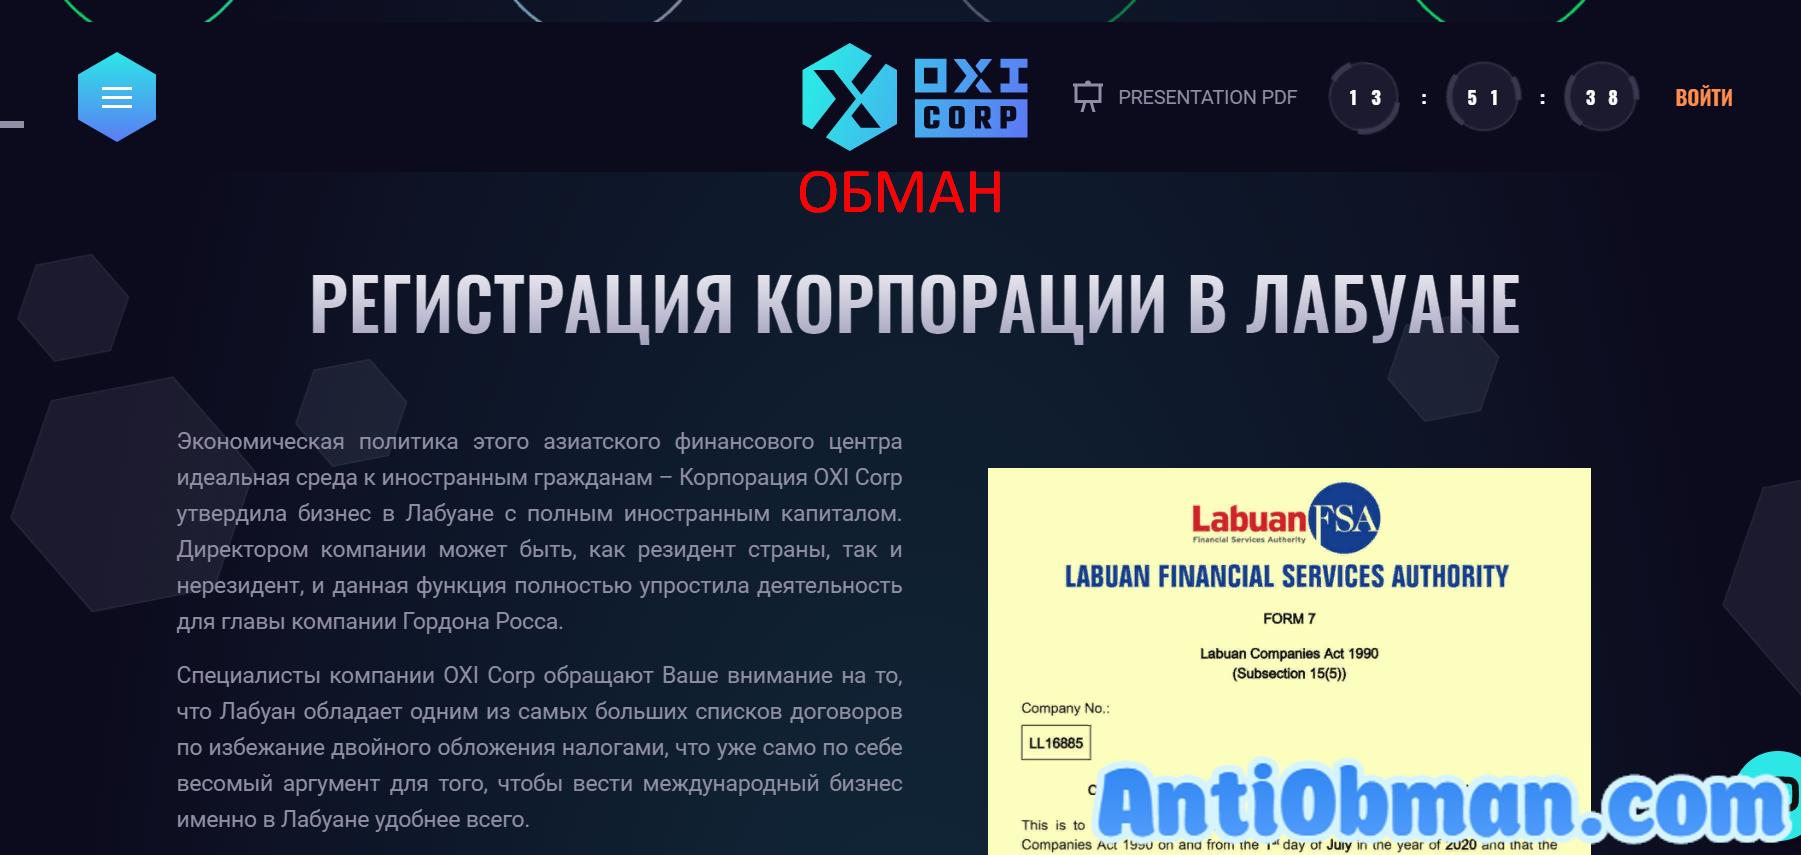 Отзывы о OXI Corporation - честный проект или развод?